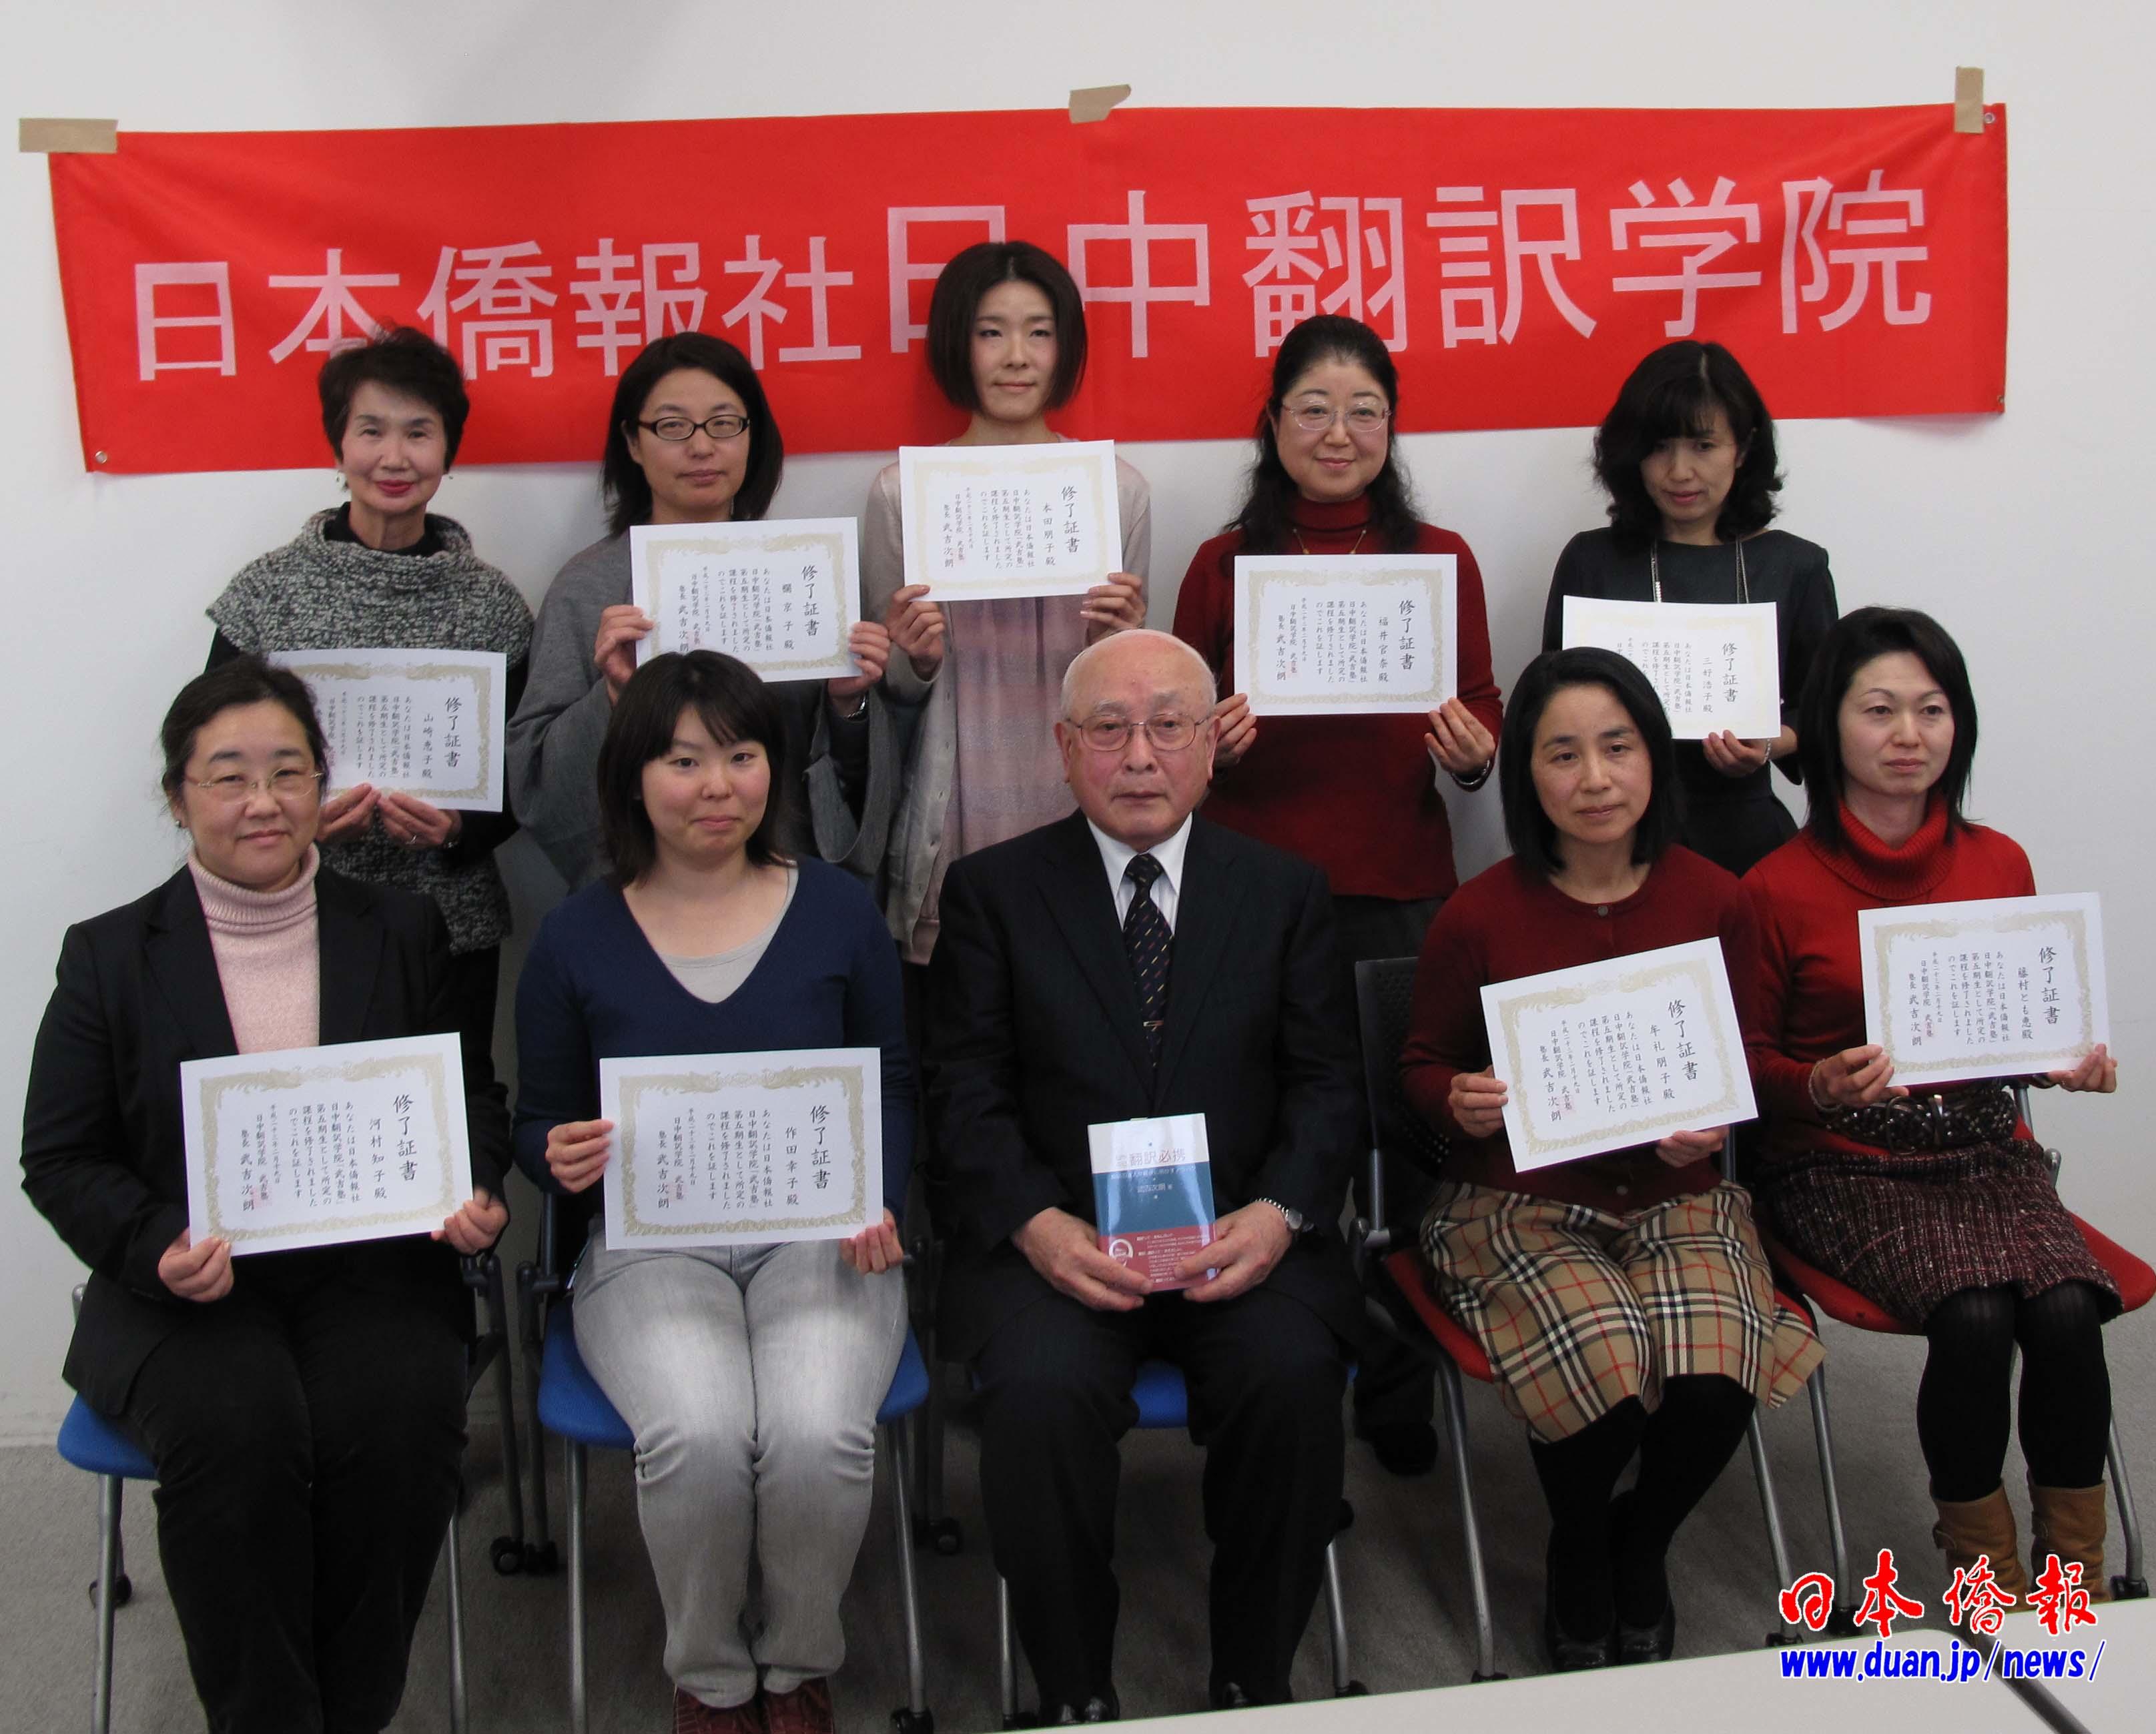 日中翻译学院举行第五期结业典礼 中国新聞社写真配信_d0027795_2133493.jpg